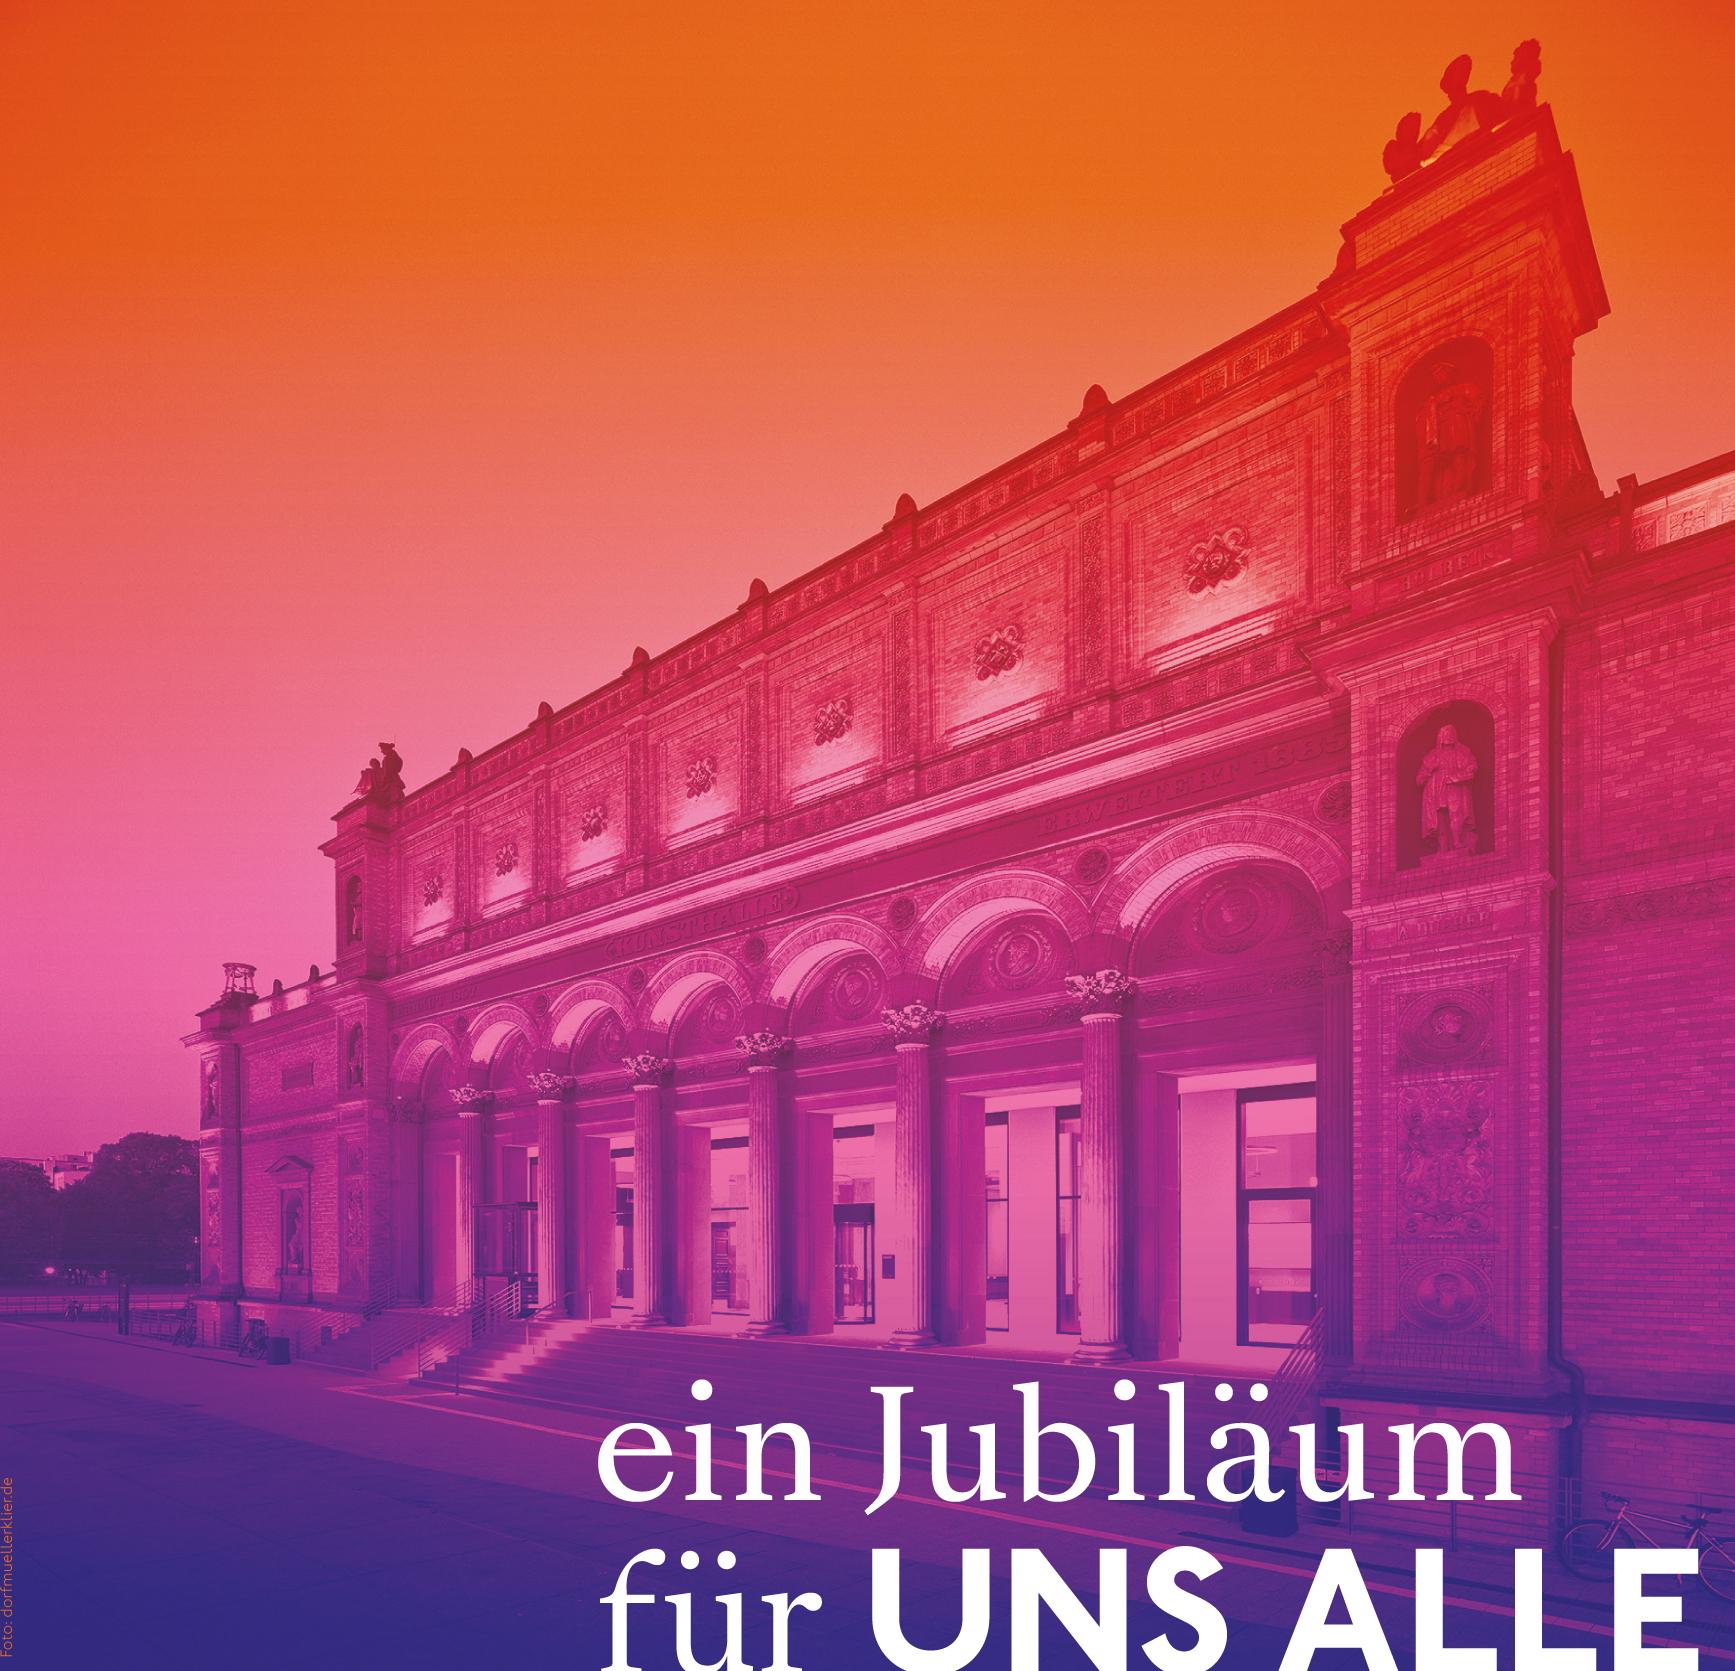 [Hamburger Kunsthalle] Zwei Tage lang freier Eintritt (31.08. & 1.09.)